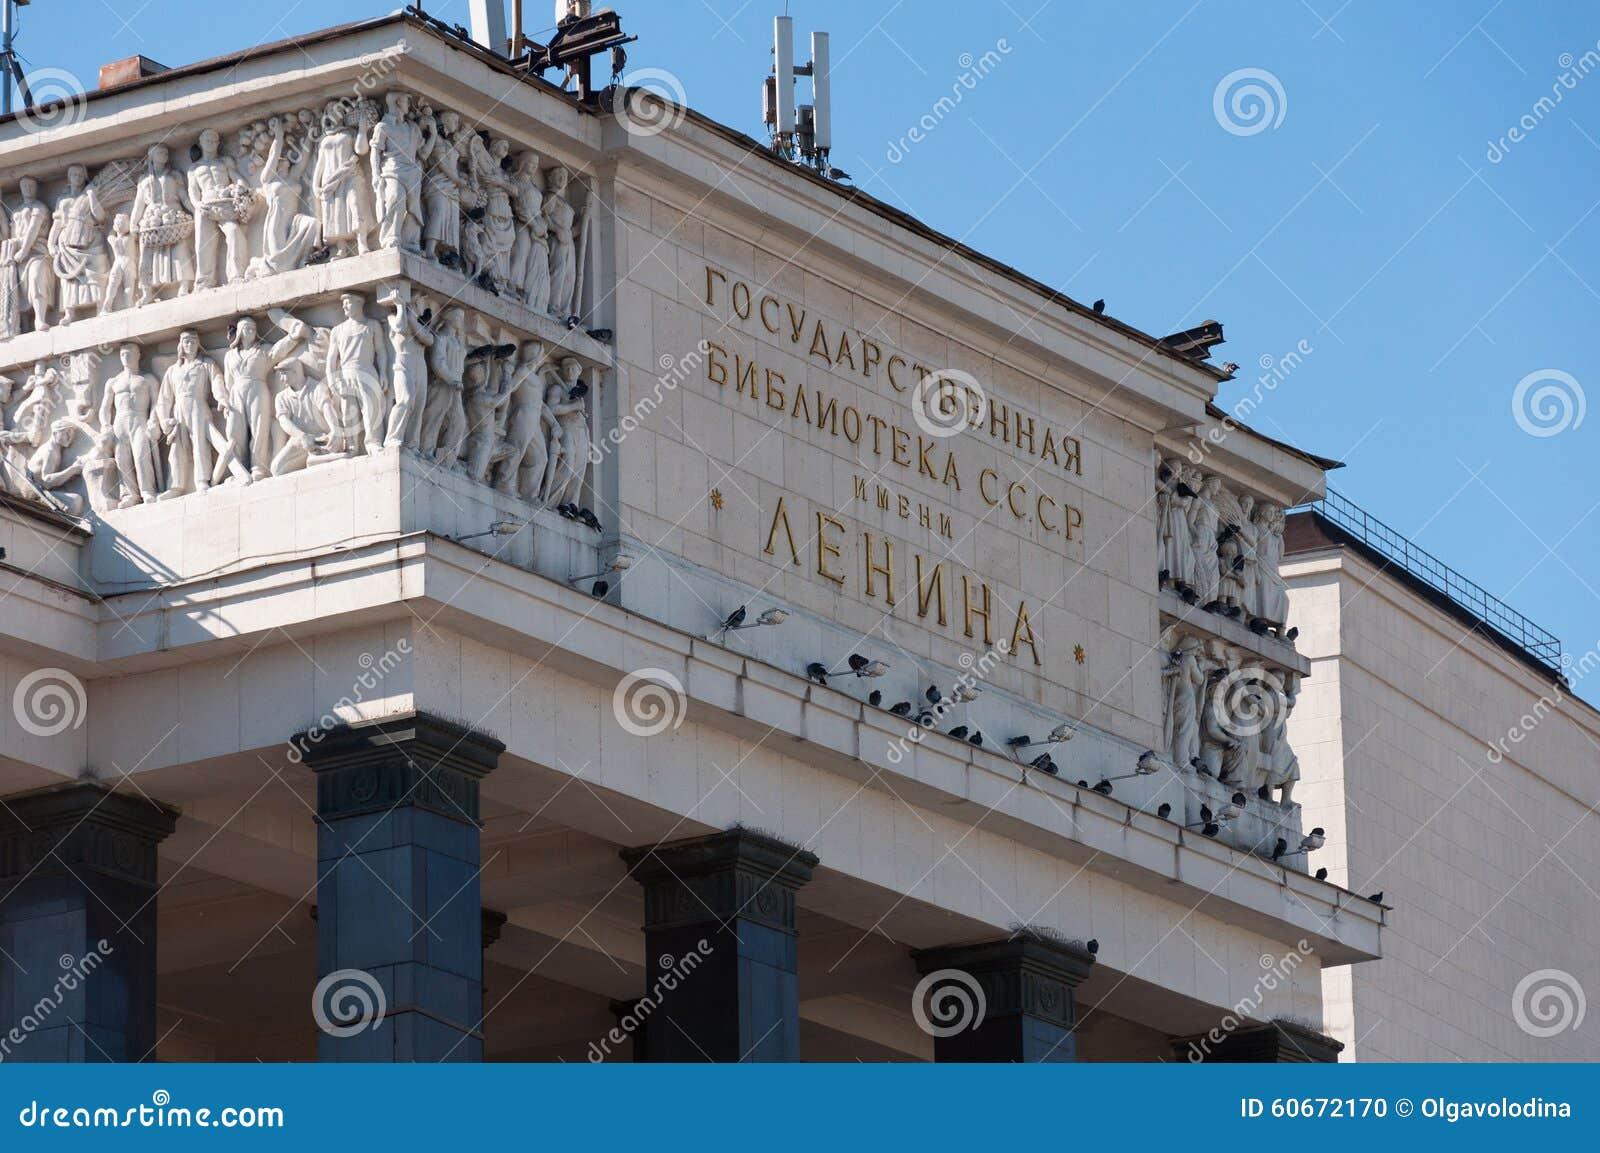 Moskou, Rusland - 09 21 2015 moskou De Bibliotheeknaam van de staat van Lenin